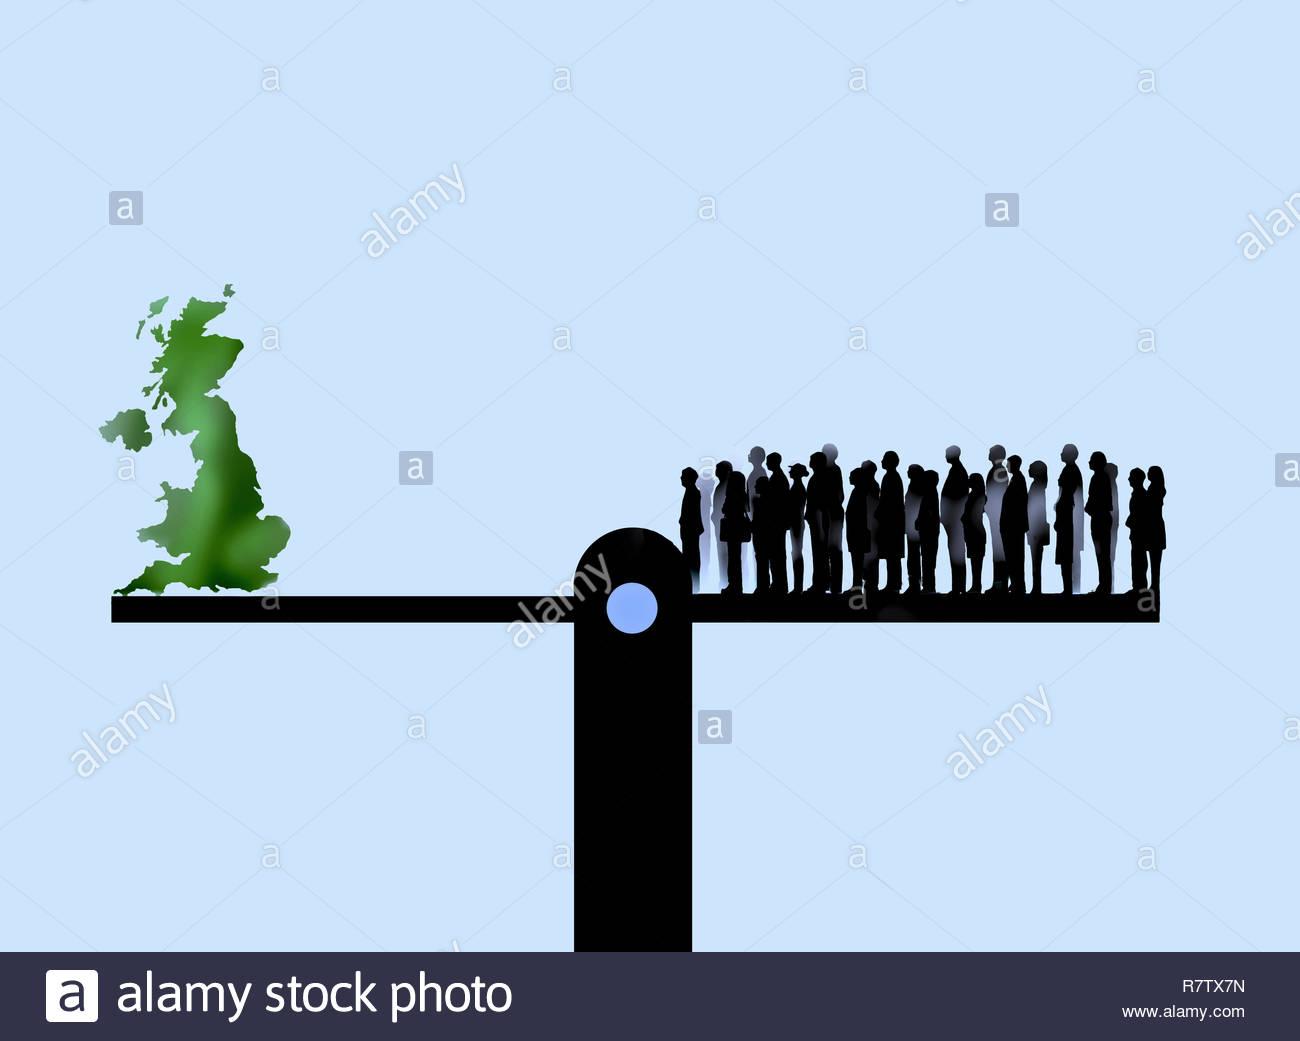 Grandes grupos de gente y el Reino Unido en los lados opuestos del balancín Imagen De Stock